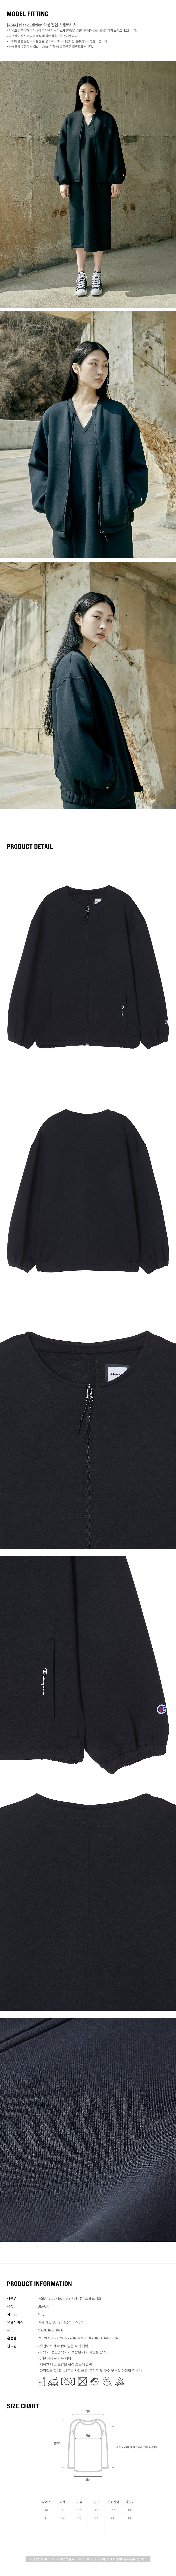 챔피온 재팬(CHAMPION JAPAN) [ASIA] Black Edition 여성 집업 스웨트셔츠 (BLACK) CKTS1E776BK